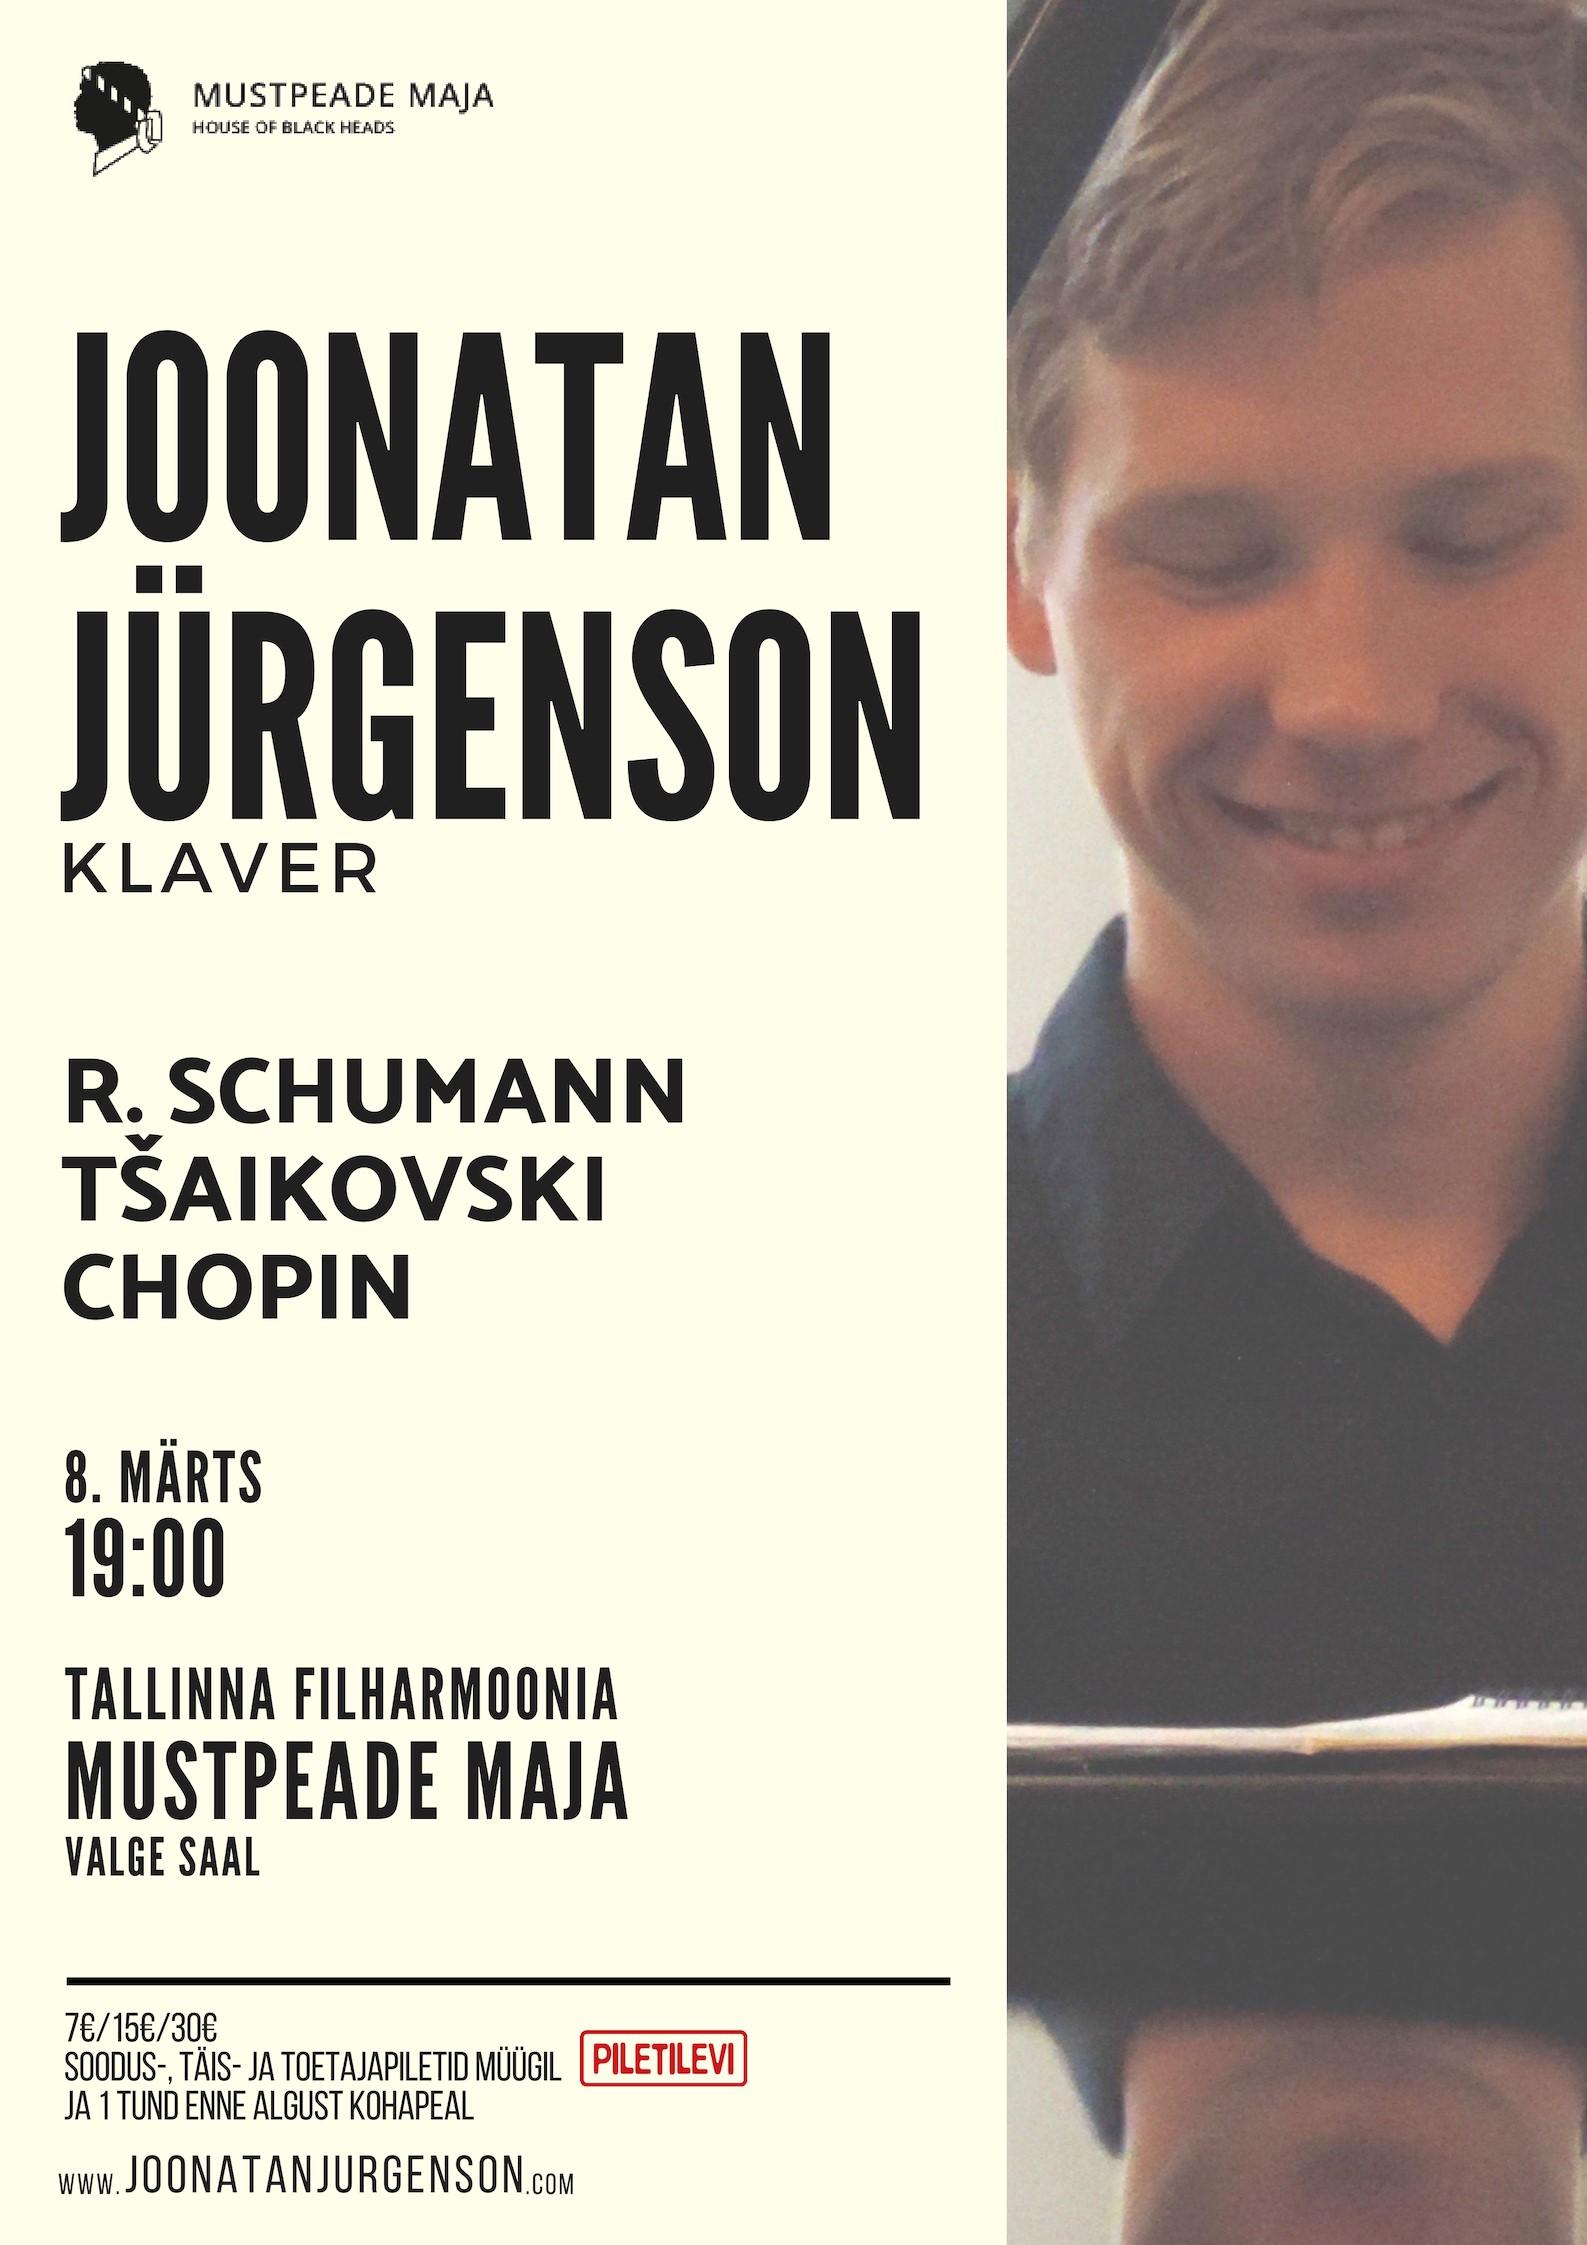 Joonatan Jürgenson (klaver)